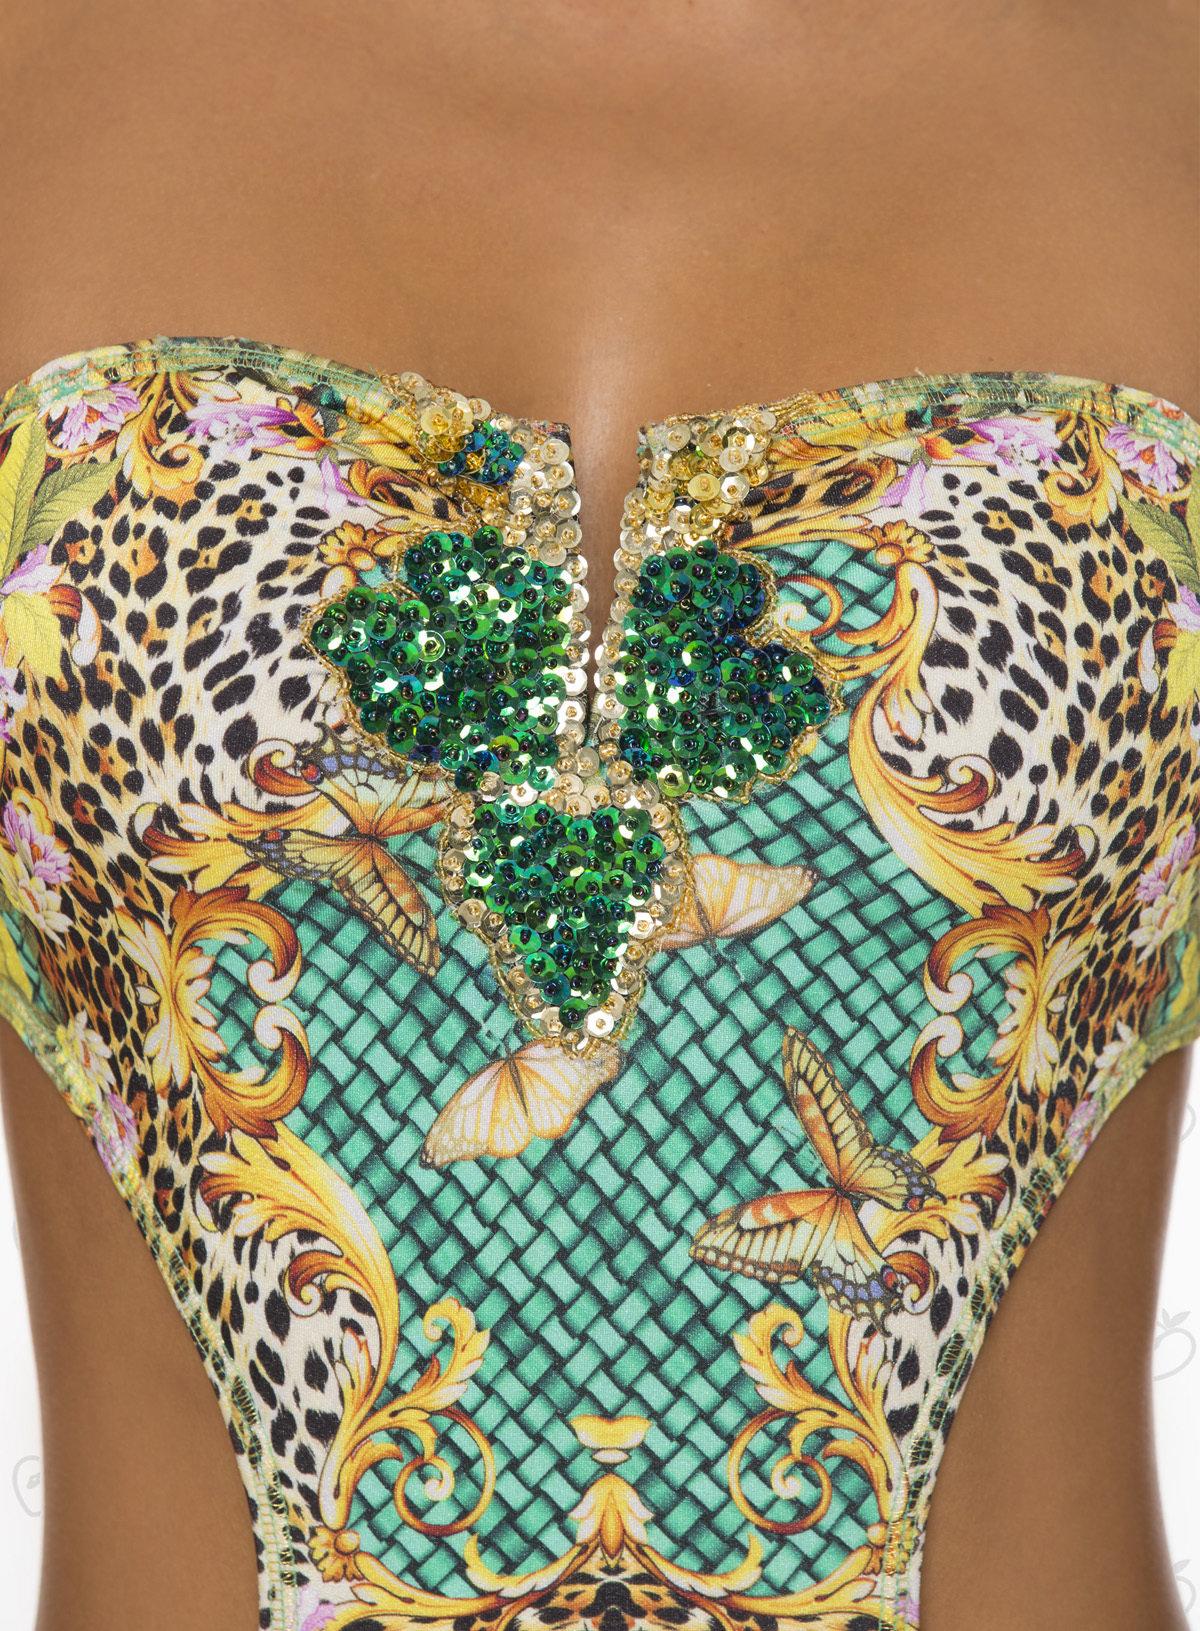 Paradizia Swimwear: Emerald Crystals Jaguar Cutout Monokini